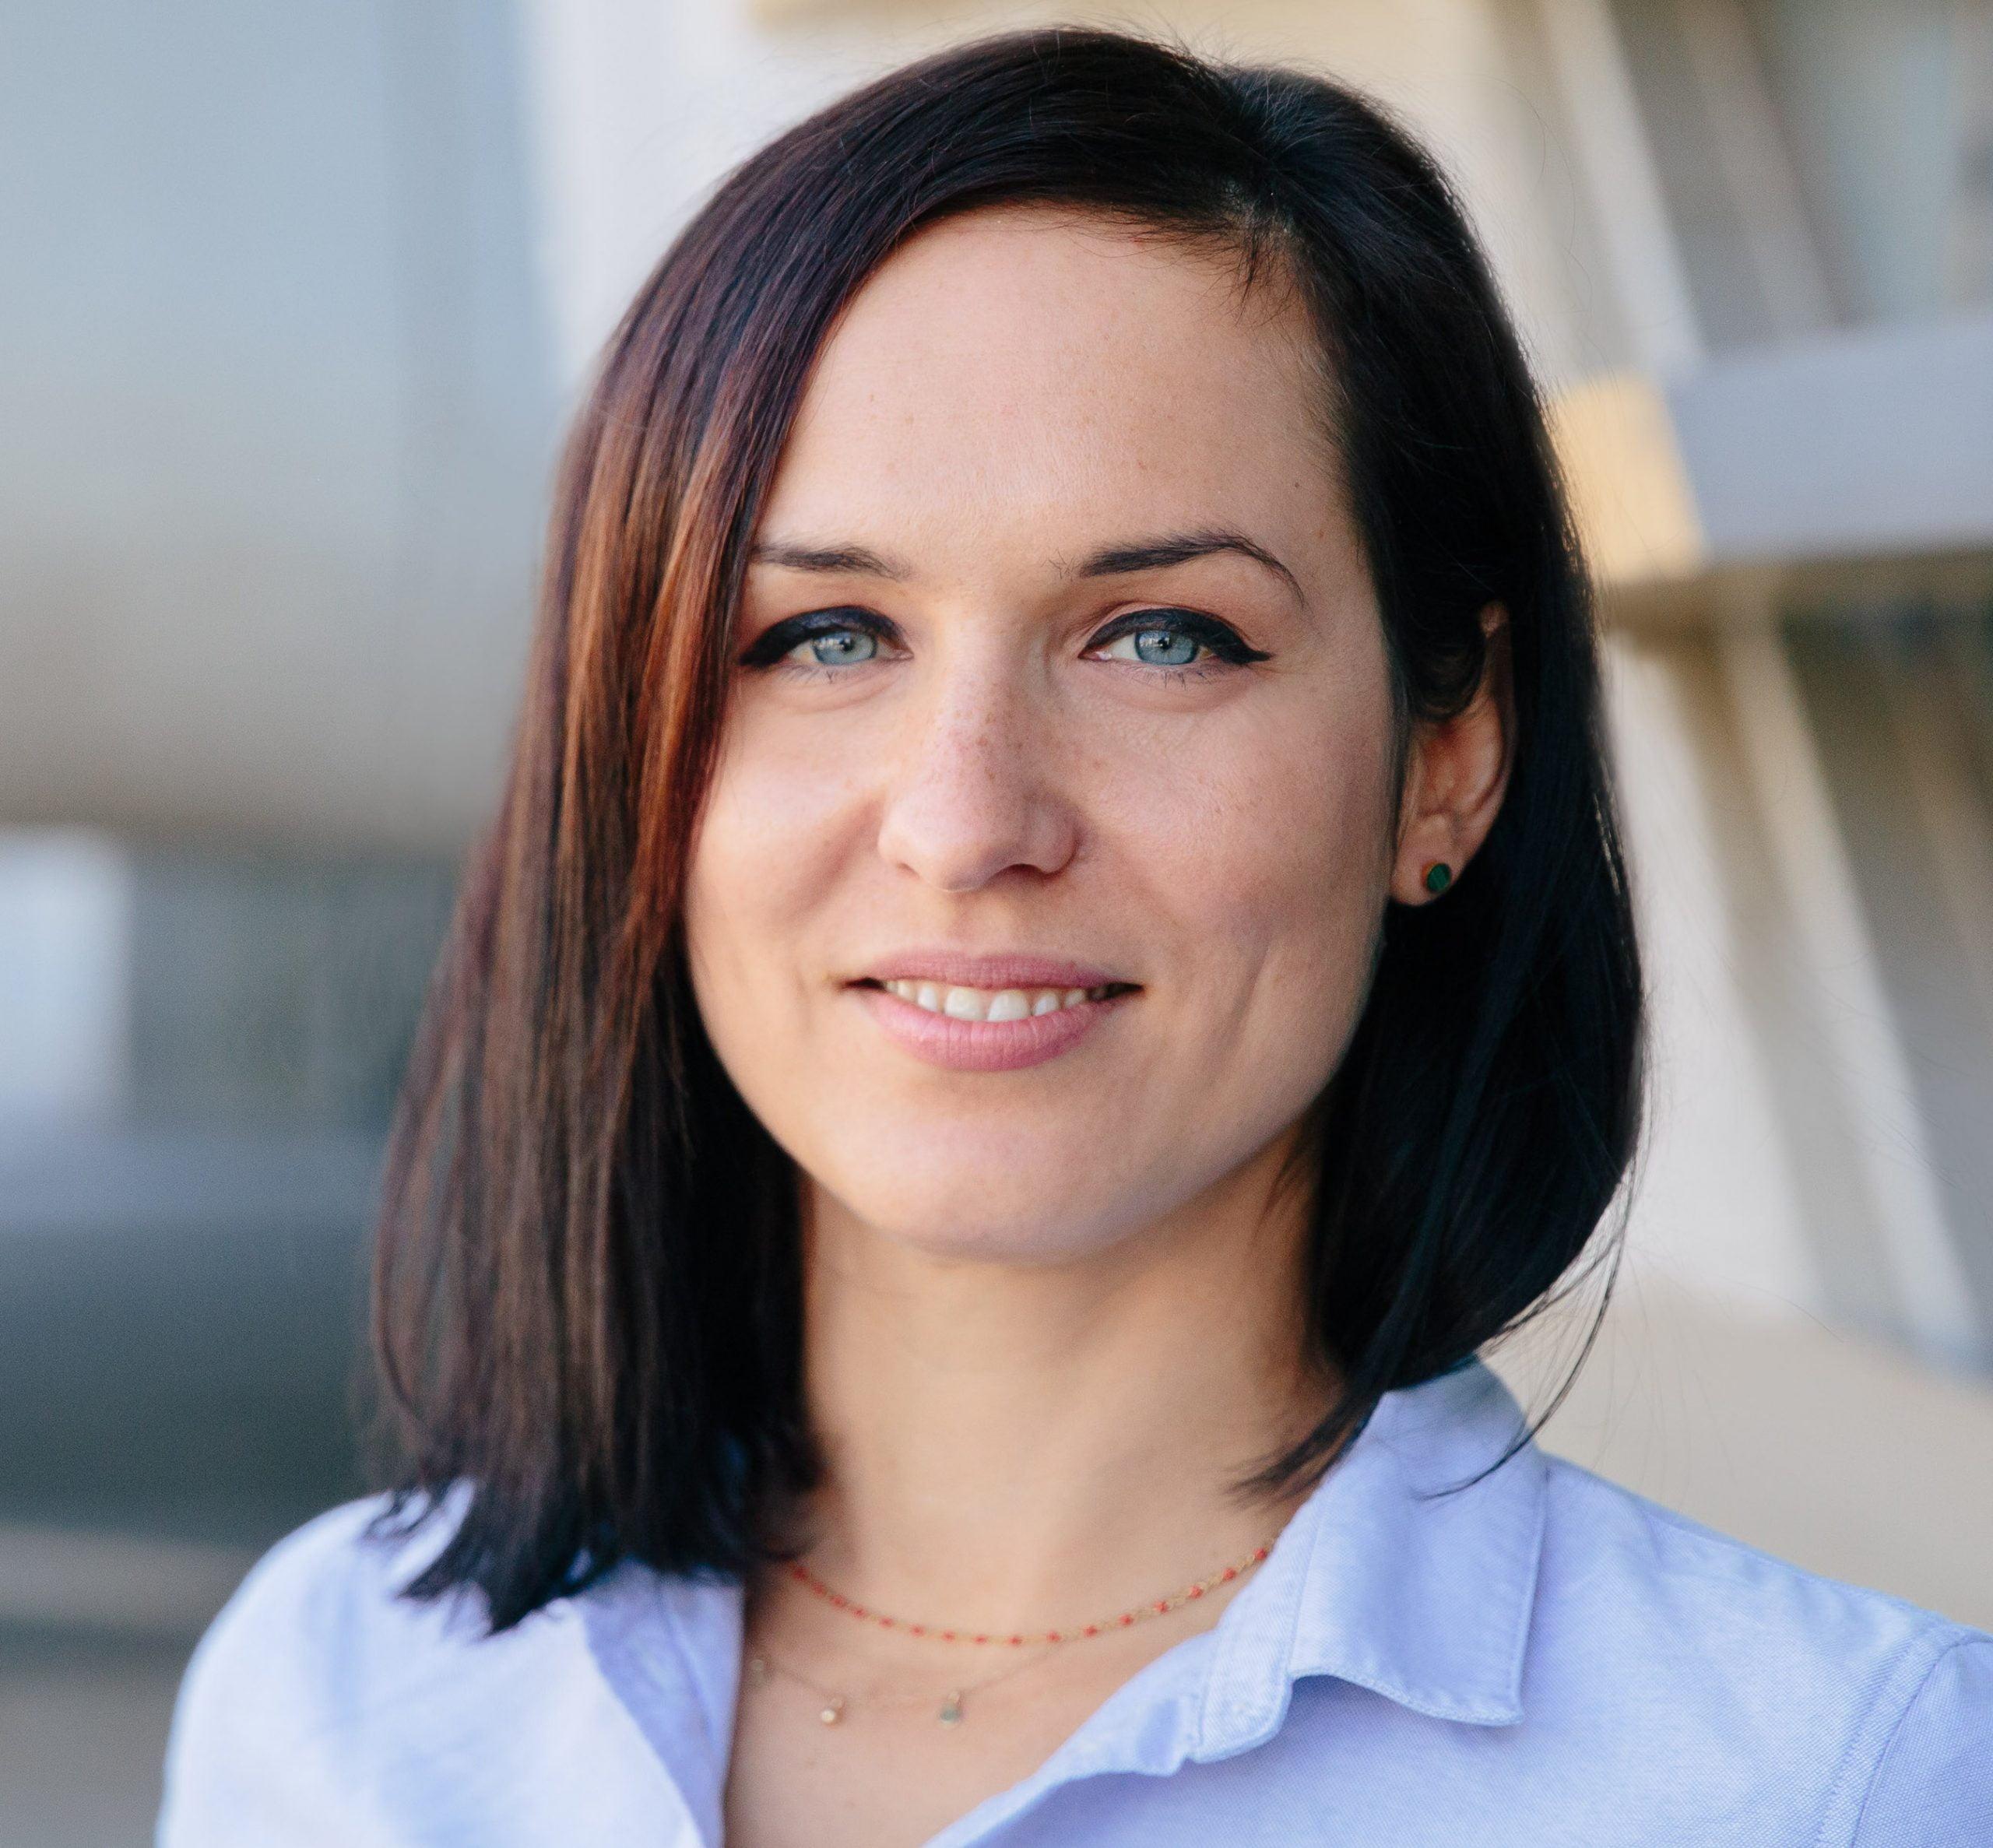 Marta Bienkiewicz